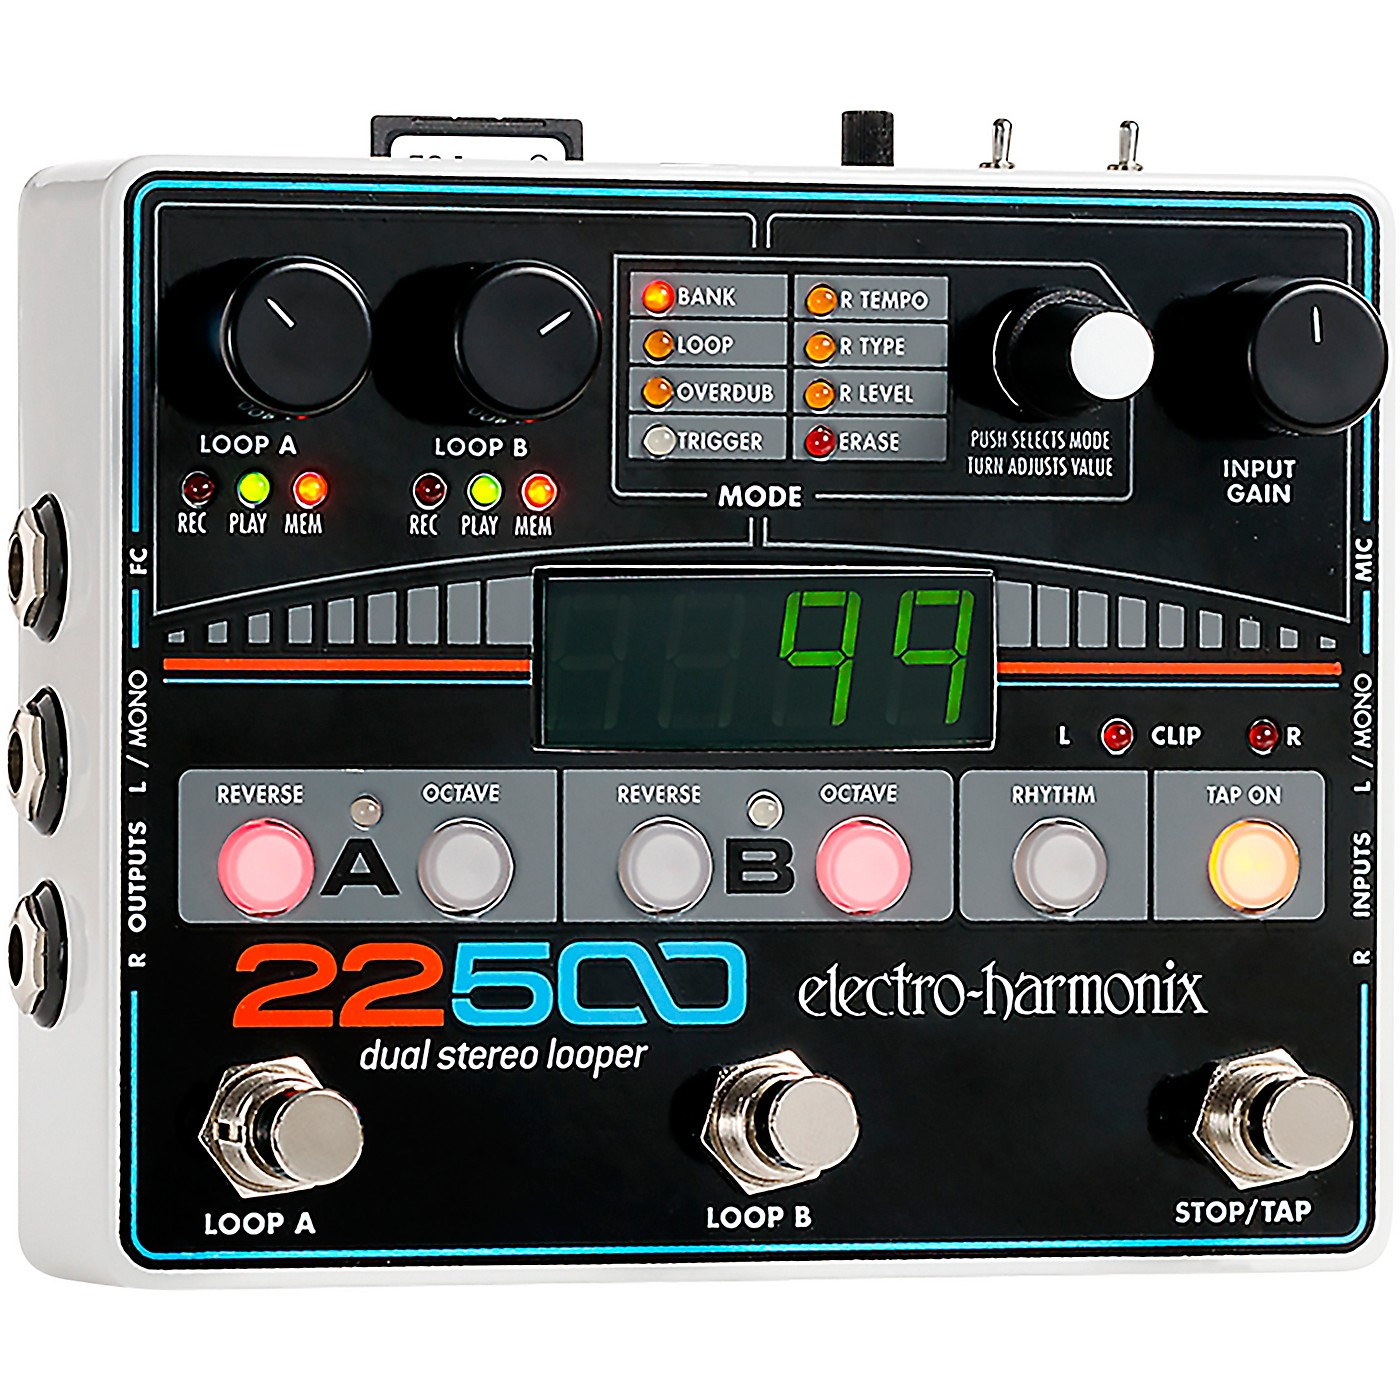 Electro-Harmonix 22500 Multi-Track Recording Looper Pedal thumbnail